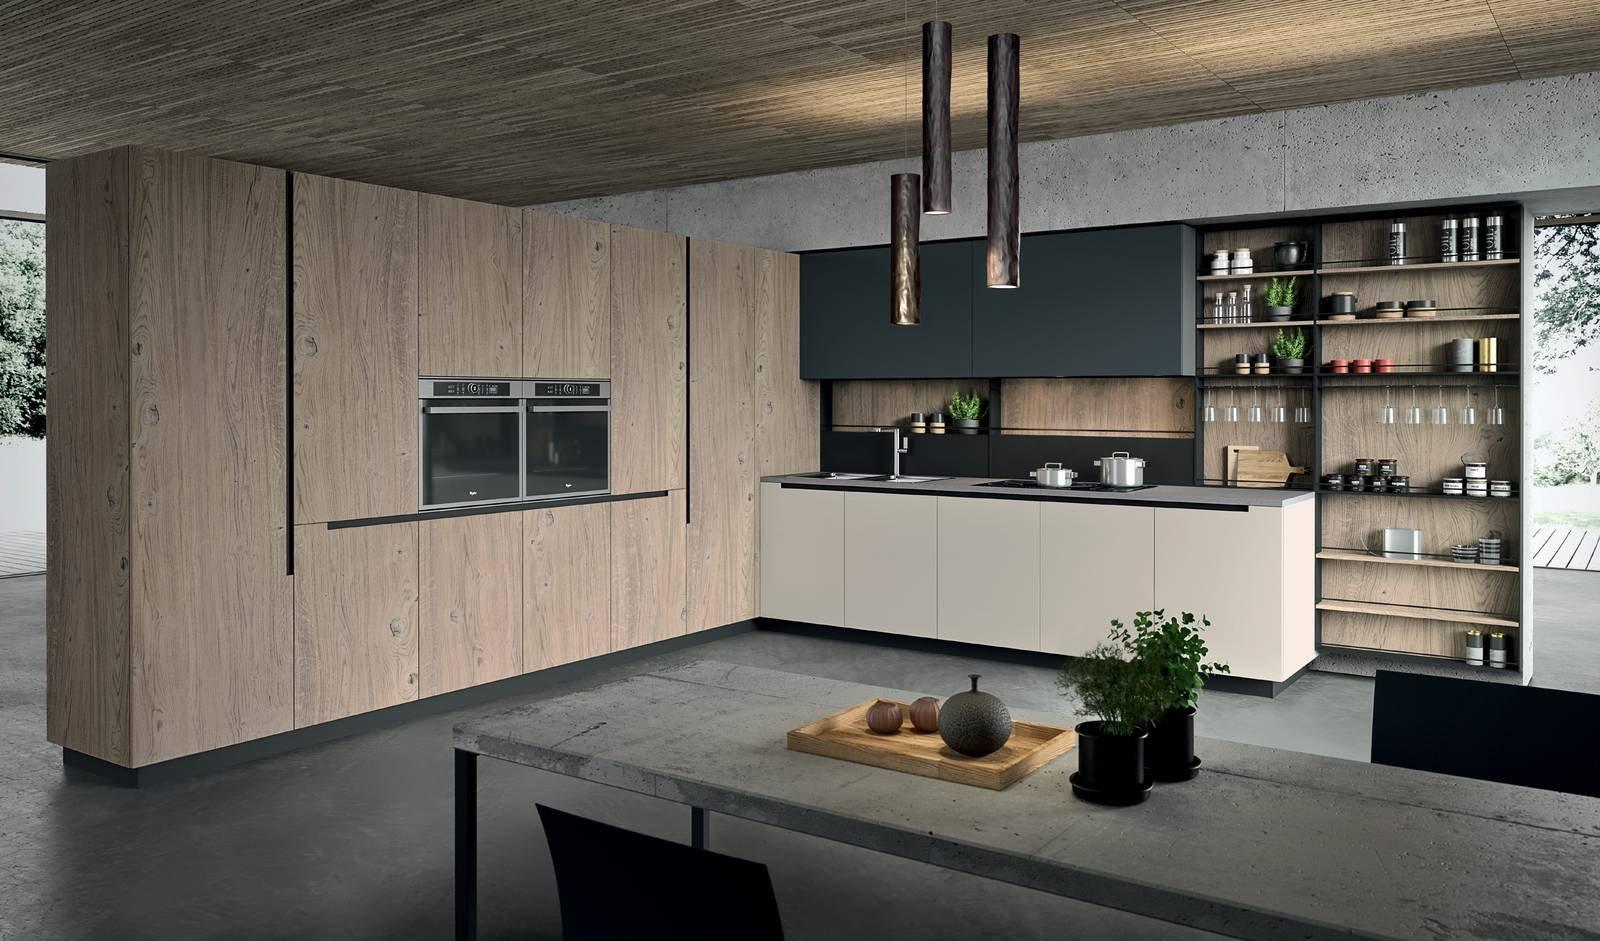 Top Cucina a L: 10 composizioni ad angolo - Cose di Casa UR81